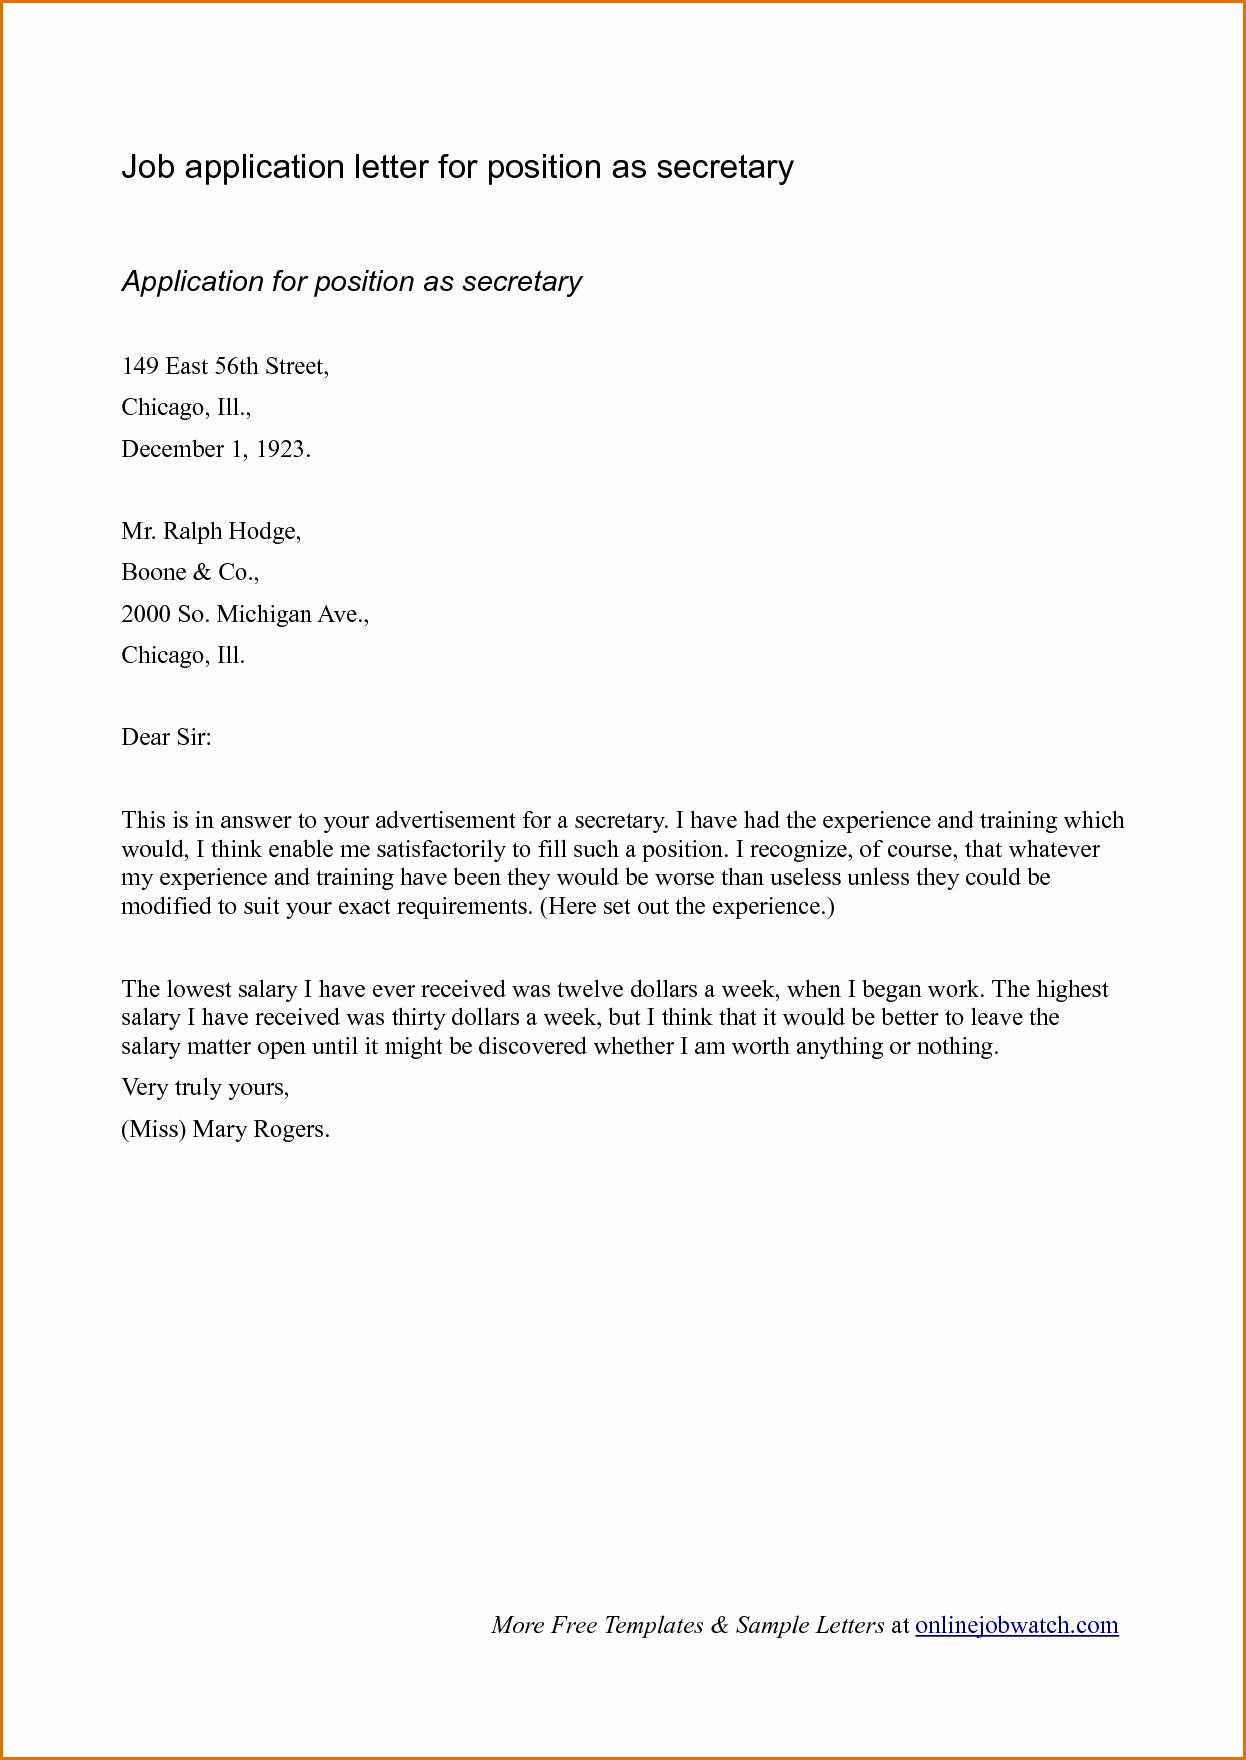 Applying for Job Letters Fresh Sample Cover Letter format for Job Application